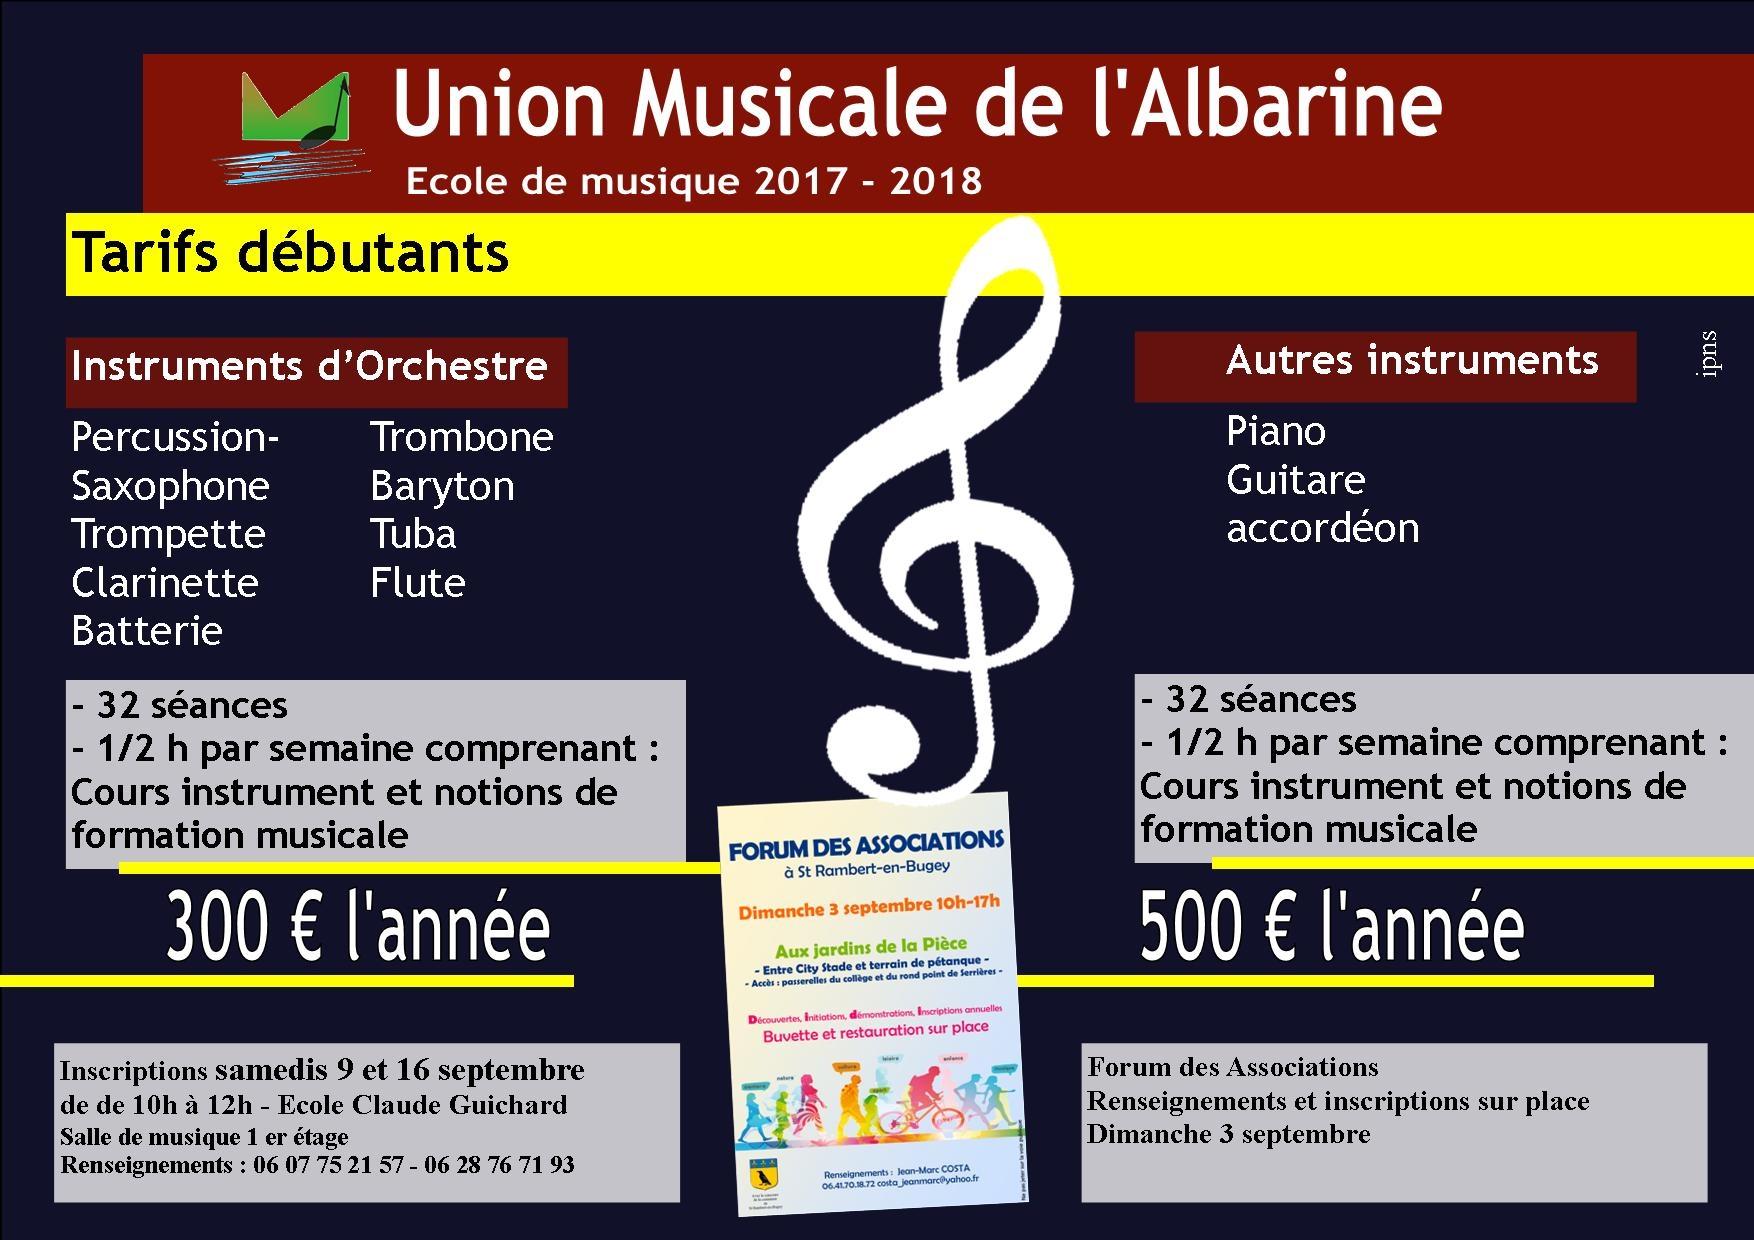 Tarifs école union musicale albarine debutants 2017 - 2018